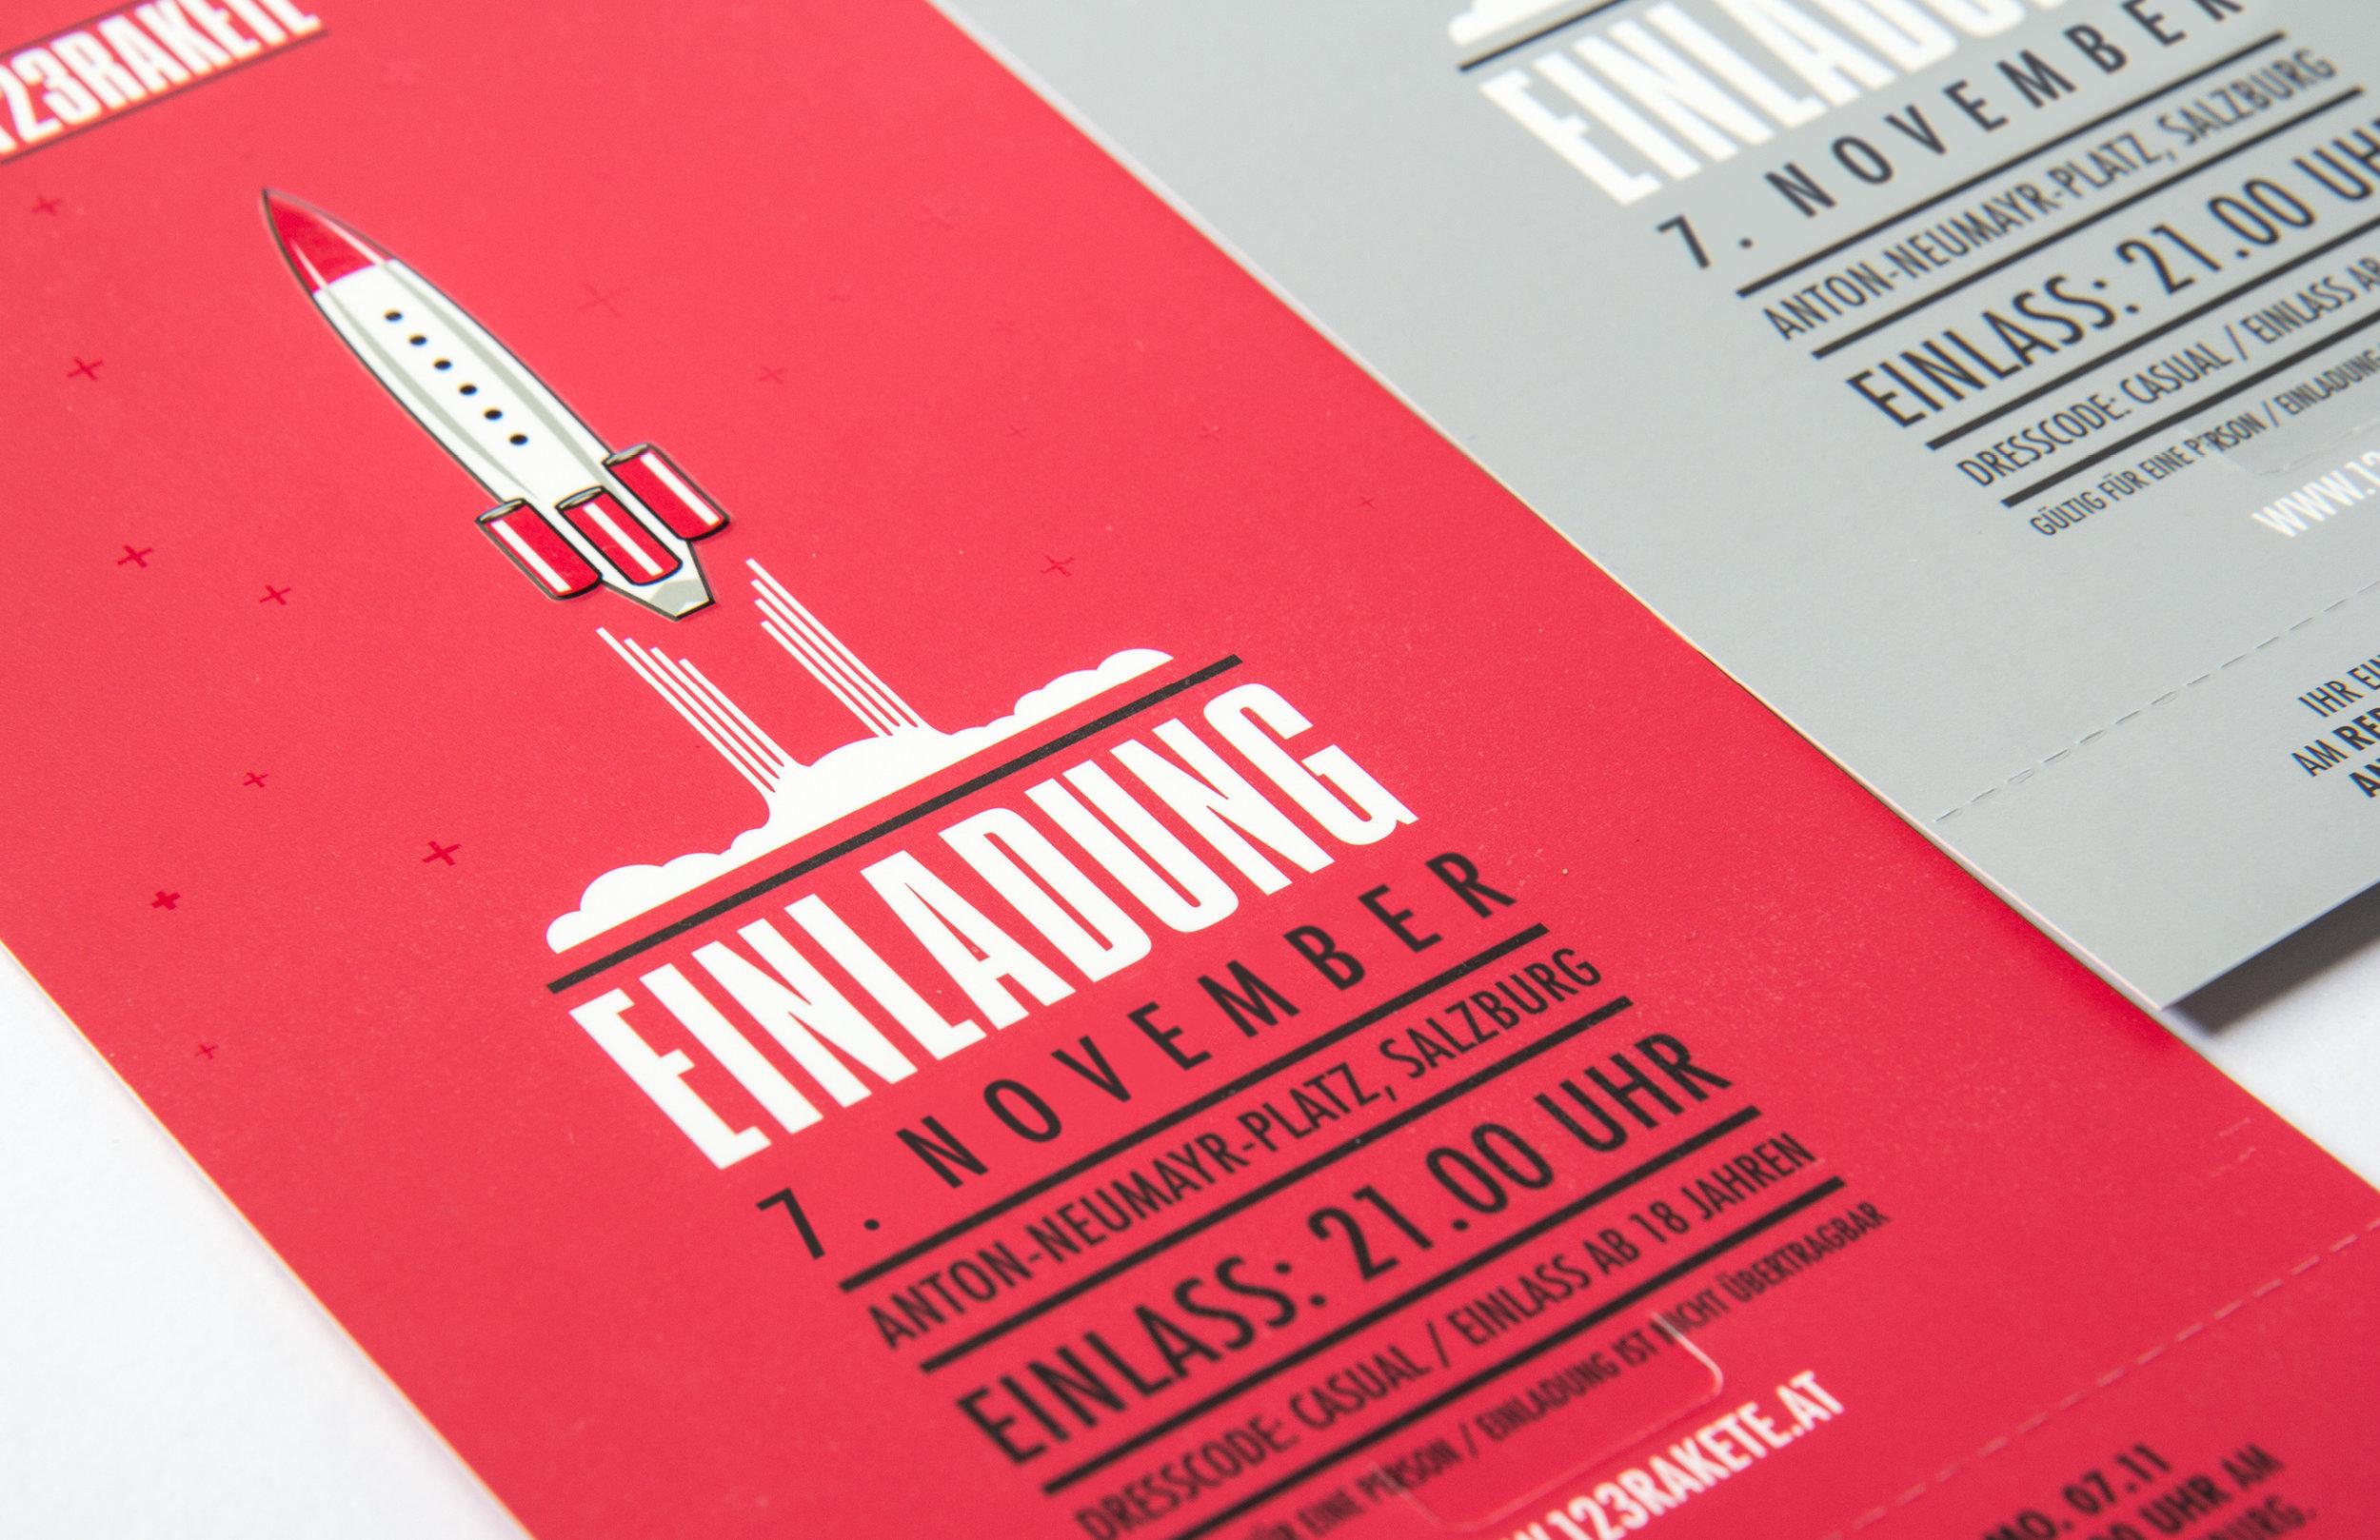 Einladung für die Veranstaltung in Salzburg von 123 Raket von Red Bull. Gestaltet von den sons of ipanema in Köln. Illustration von einer startenden Raket in schwarz, weiß rot auf rotem Hintergrund.